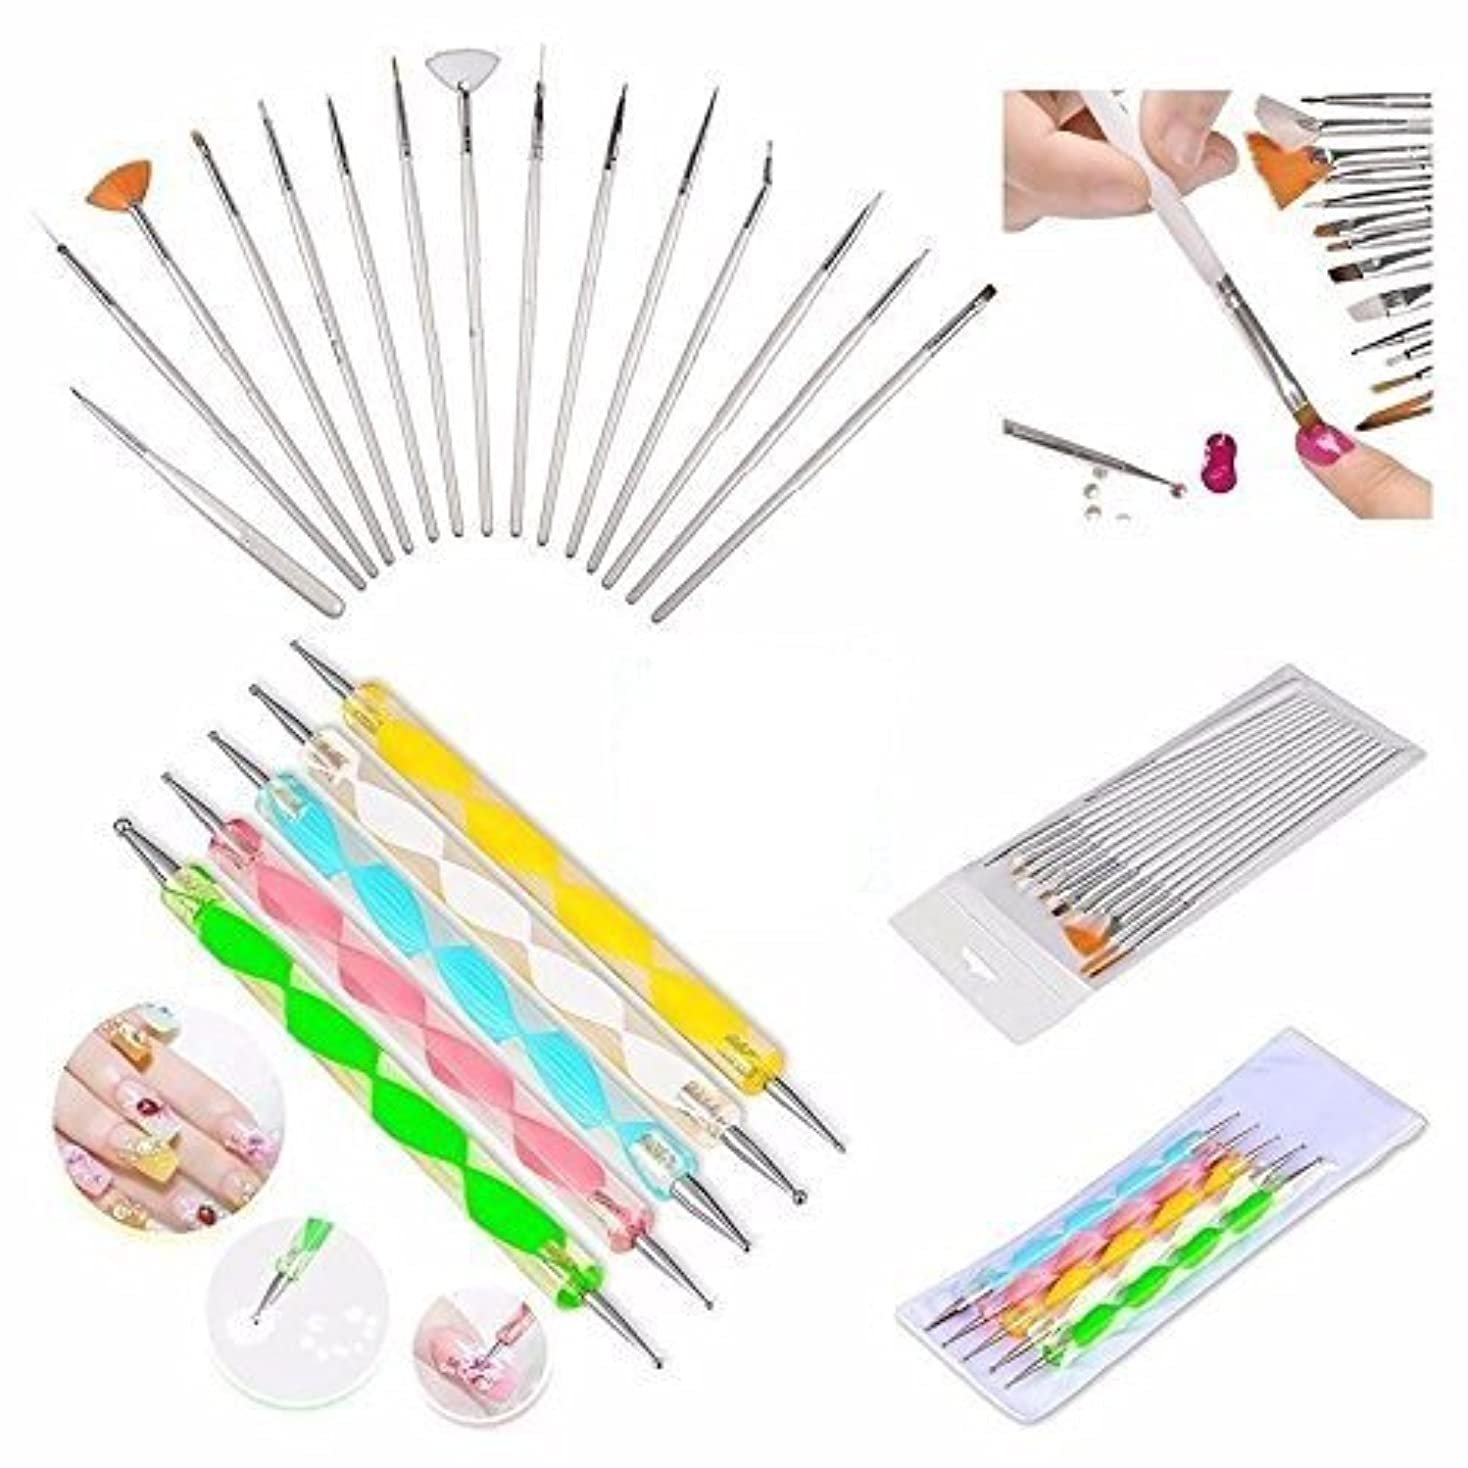 給料医療のペストBoolavard® 20pc Nail Art Manicure Pedicure Beauty Painting Polish Brush and Dotting Pen Tool Set for Natural,...